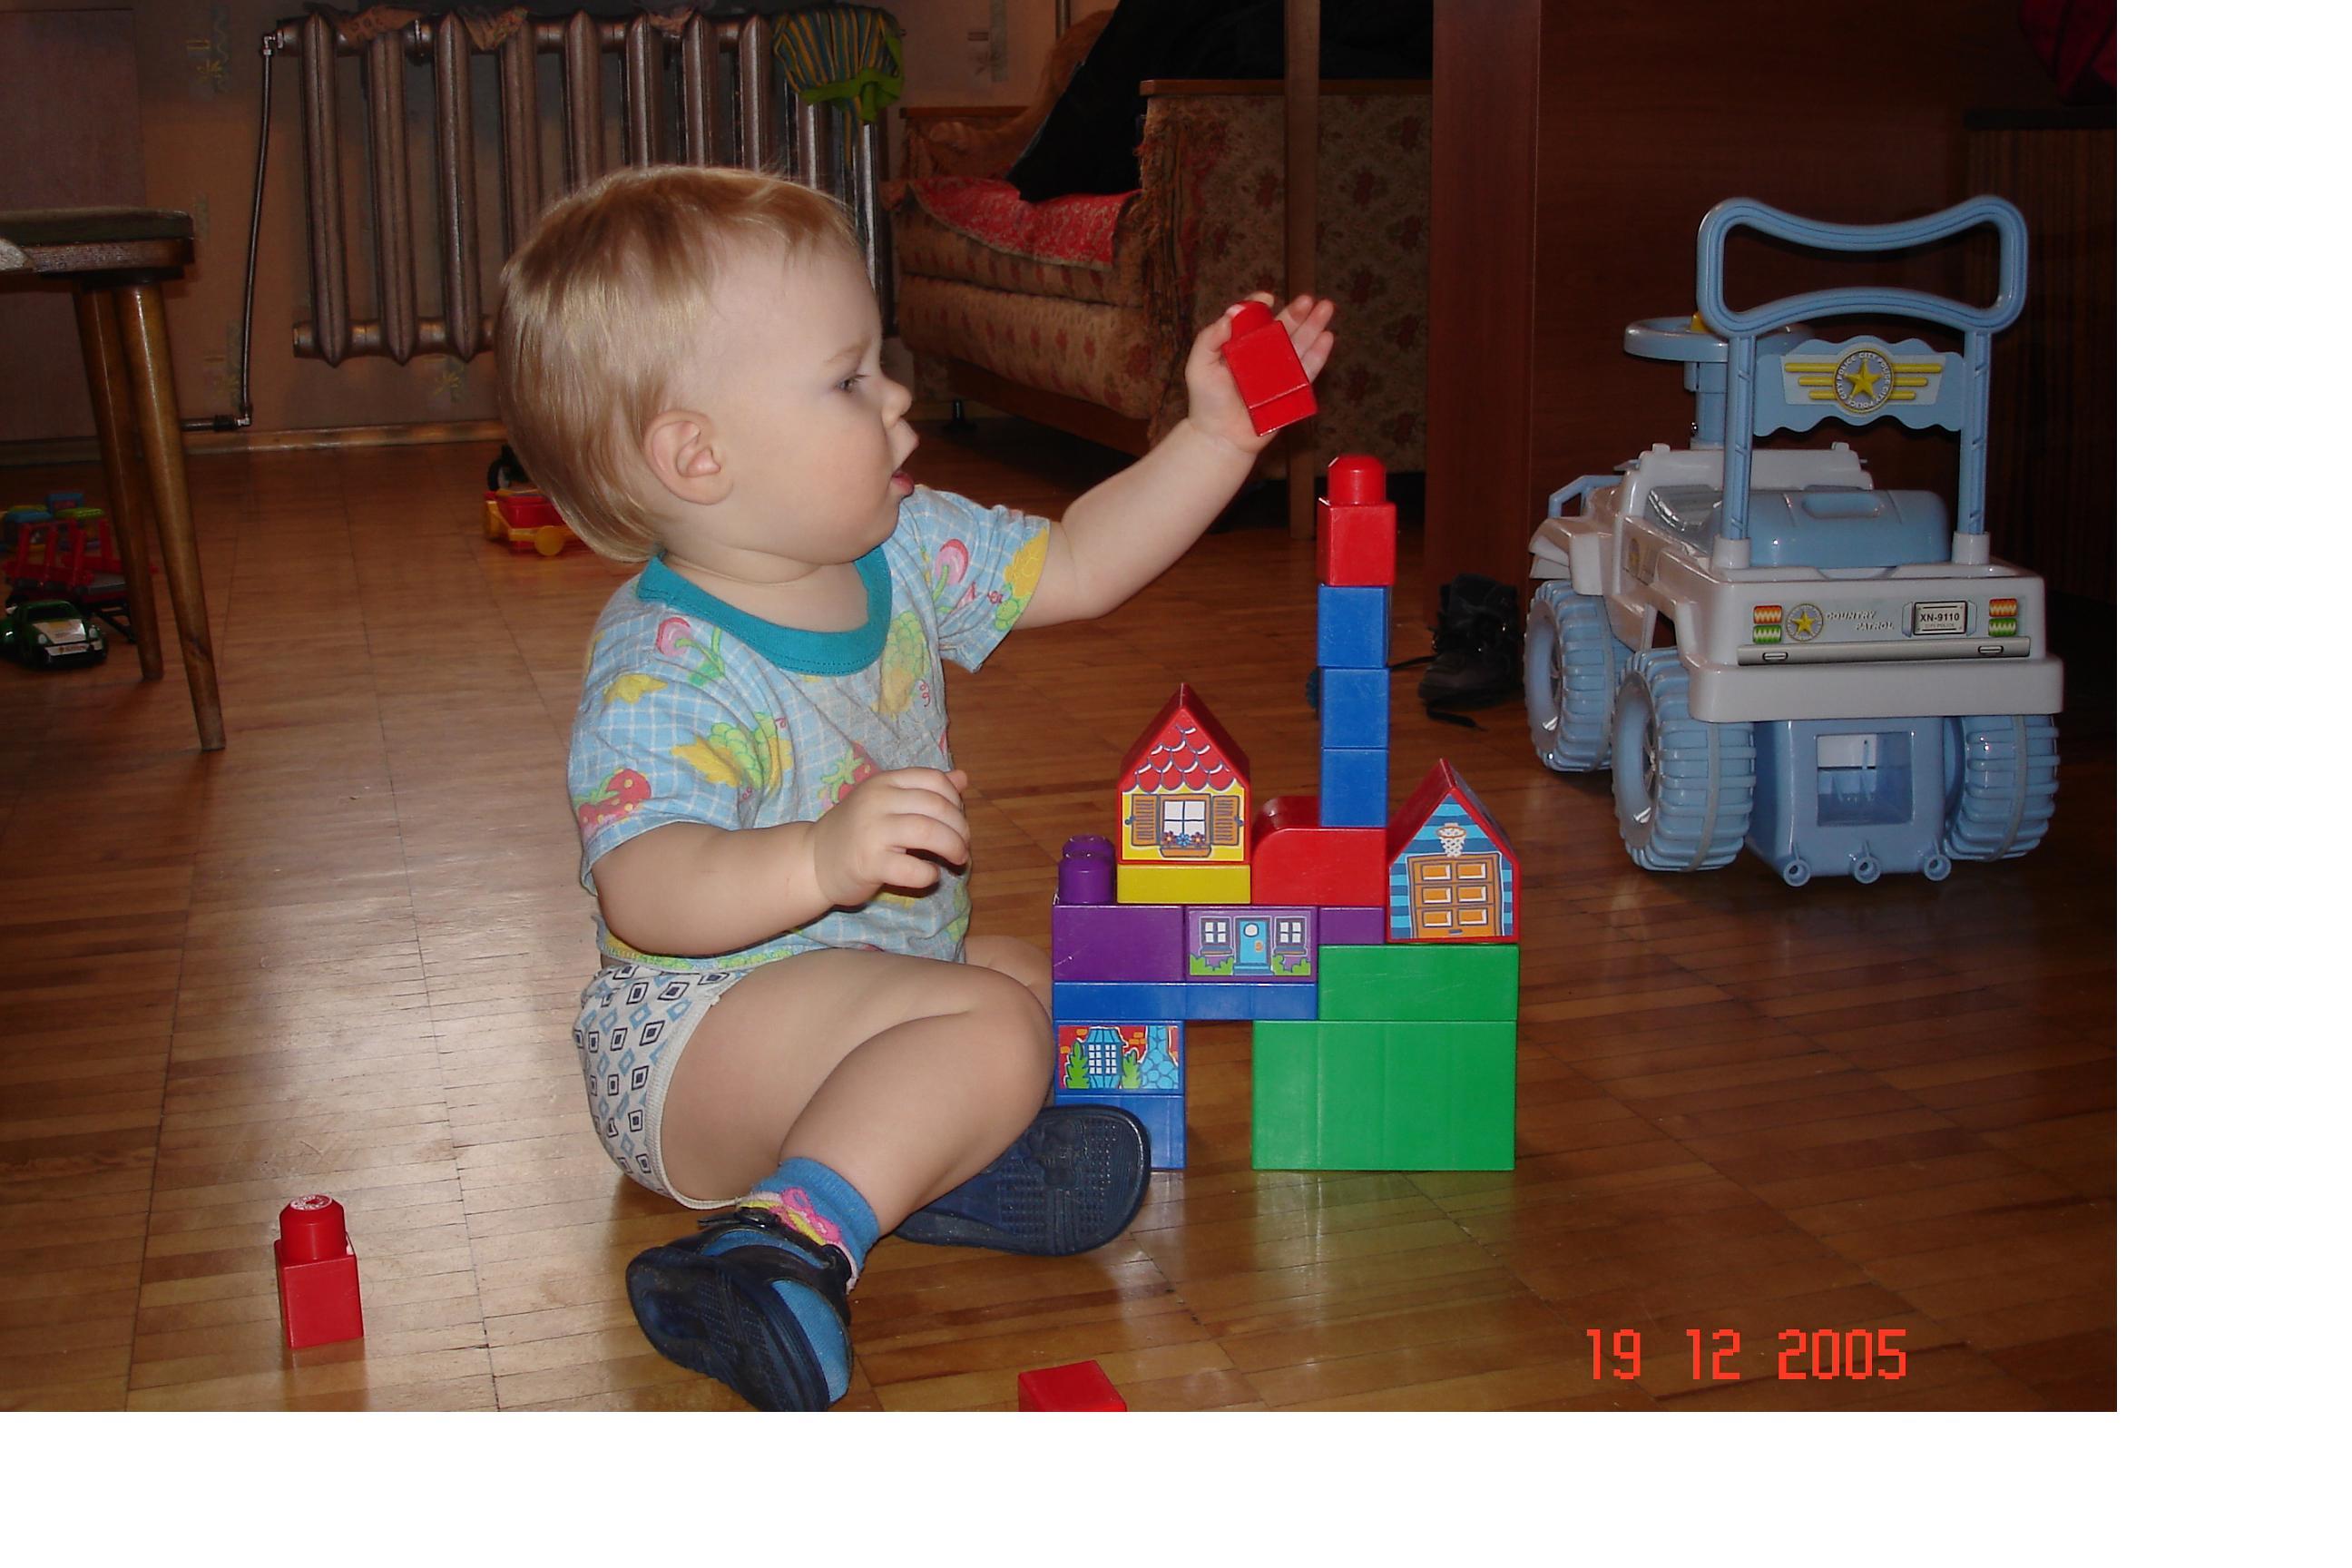 Я свой,я новый дом построю. Что наша жизнь? Игра!